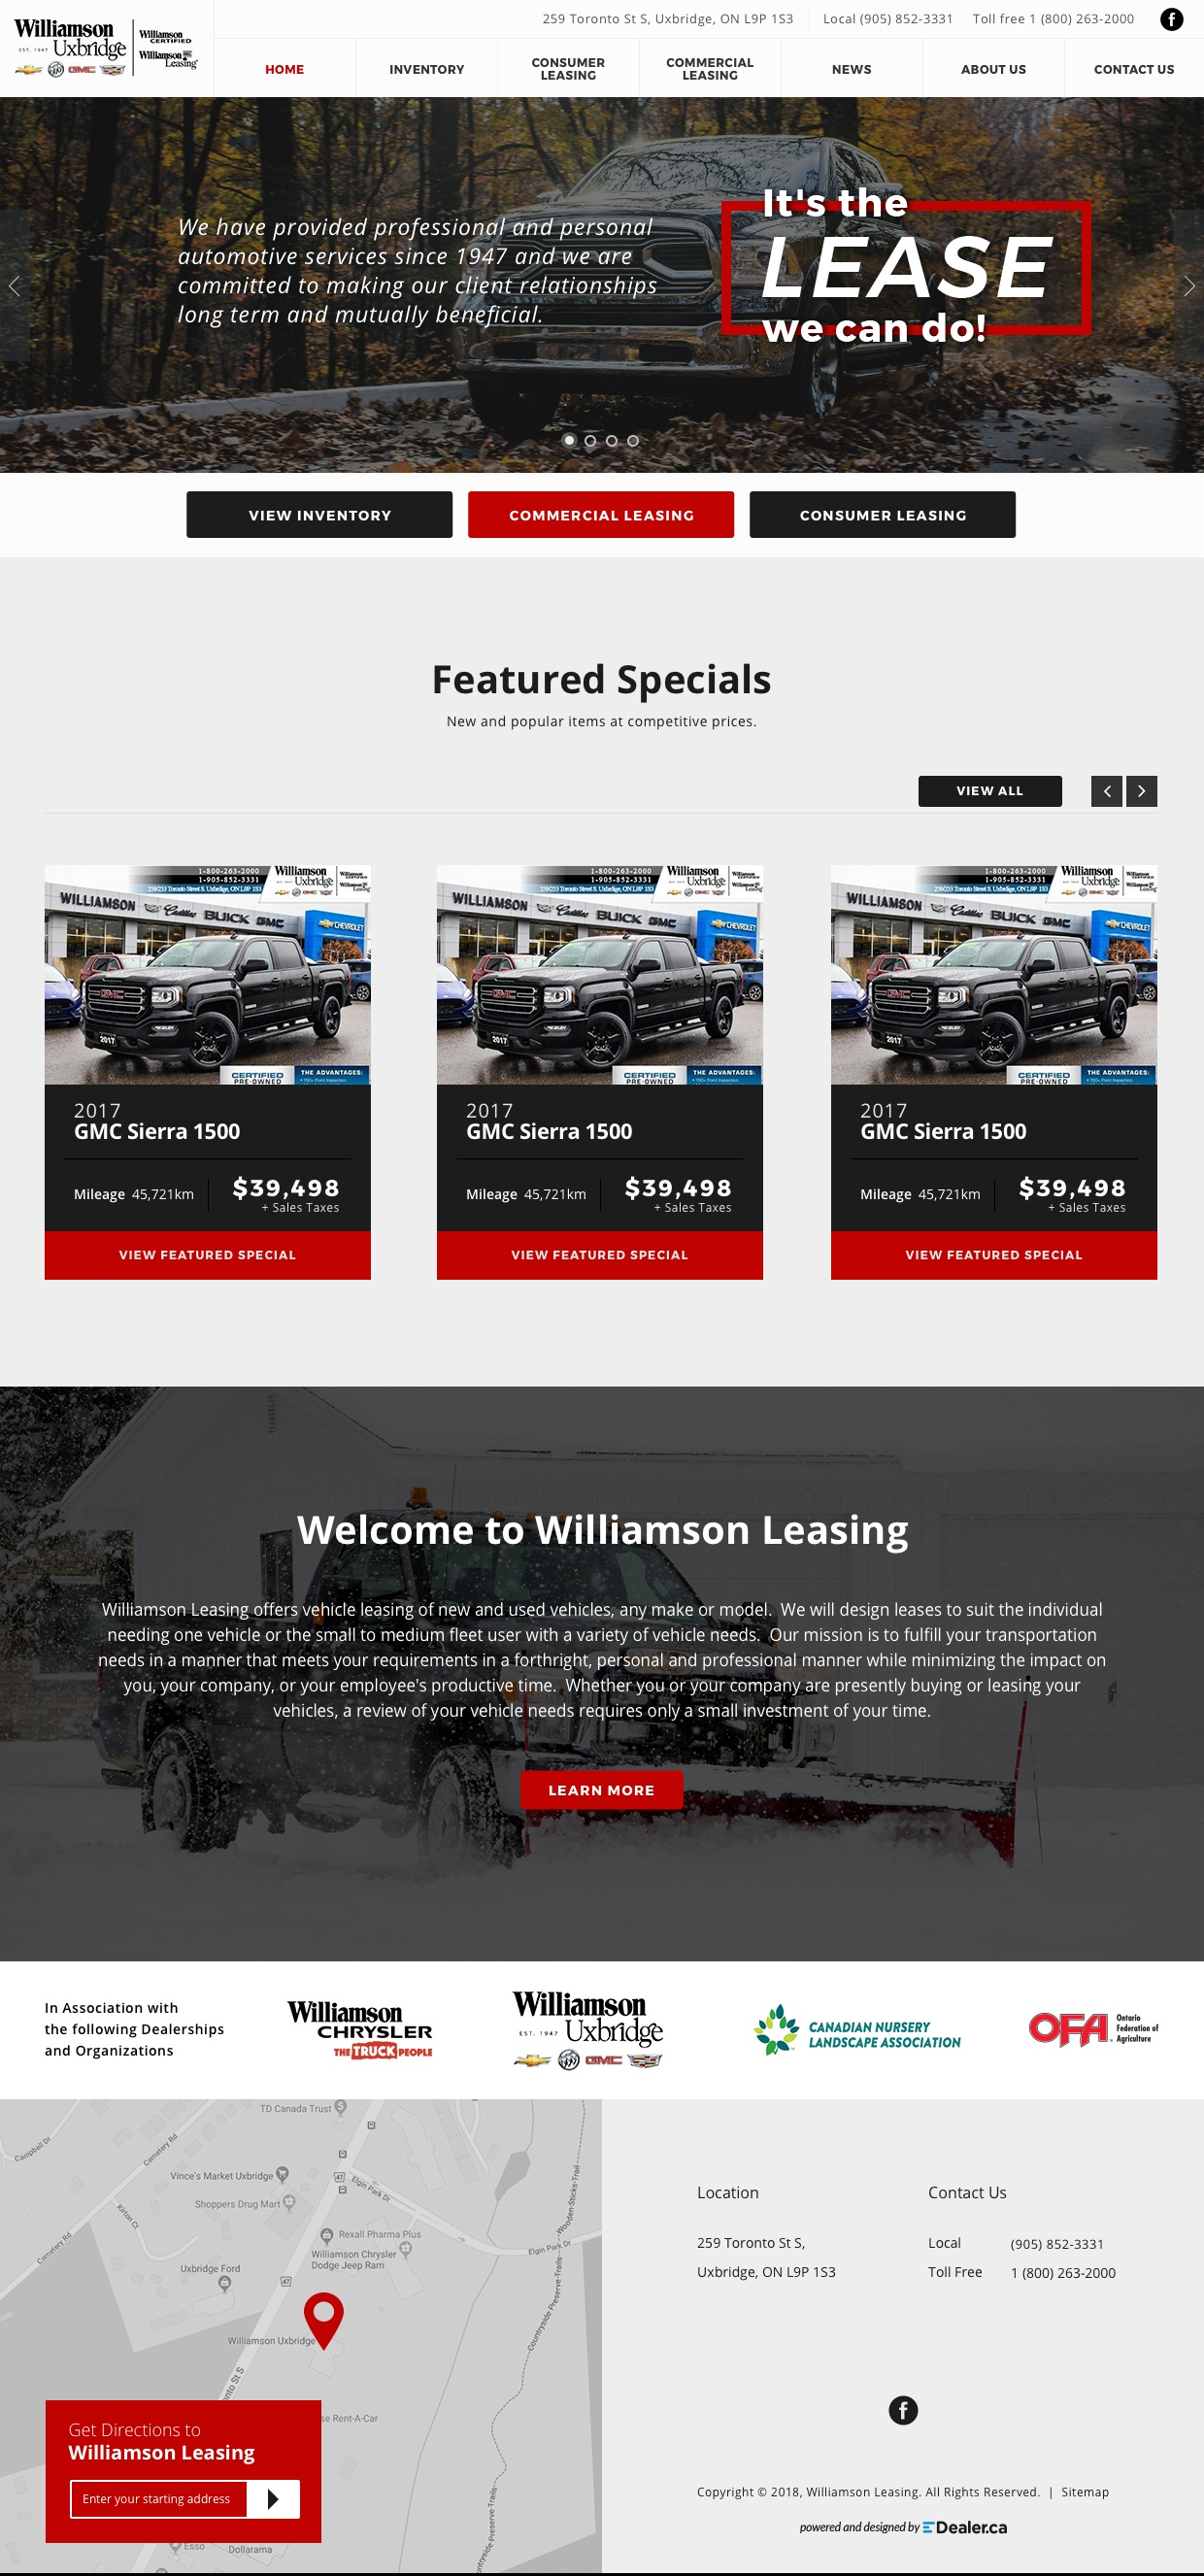 Williamson Leasing